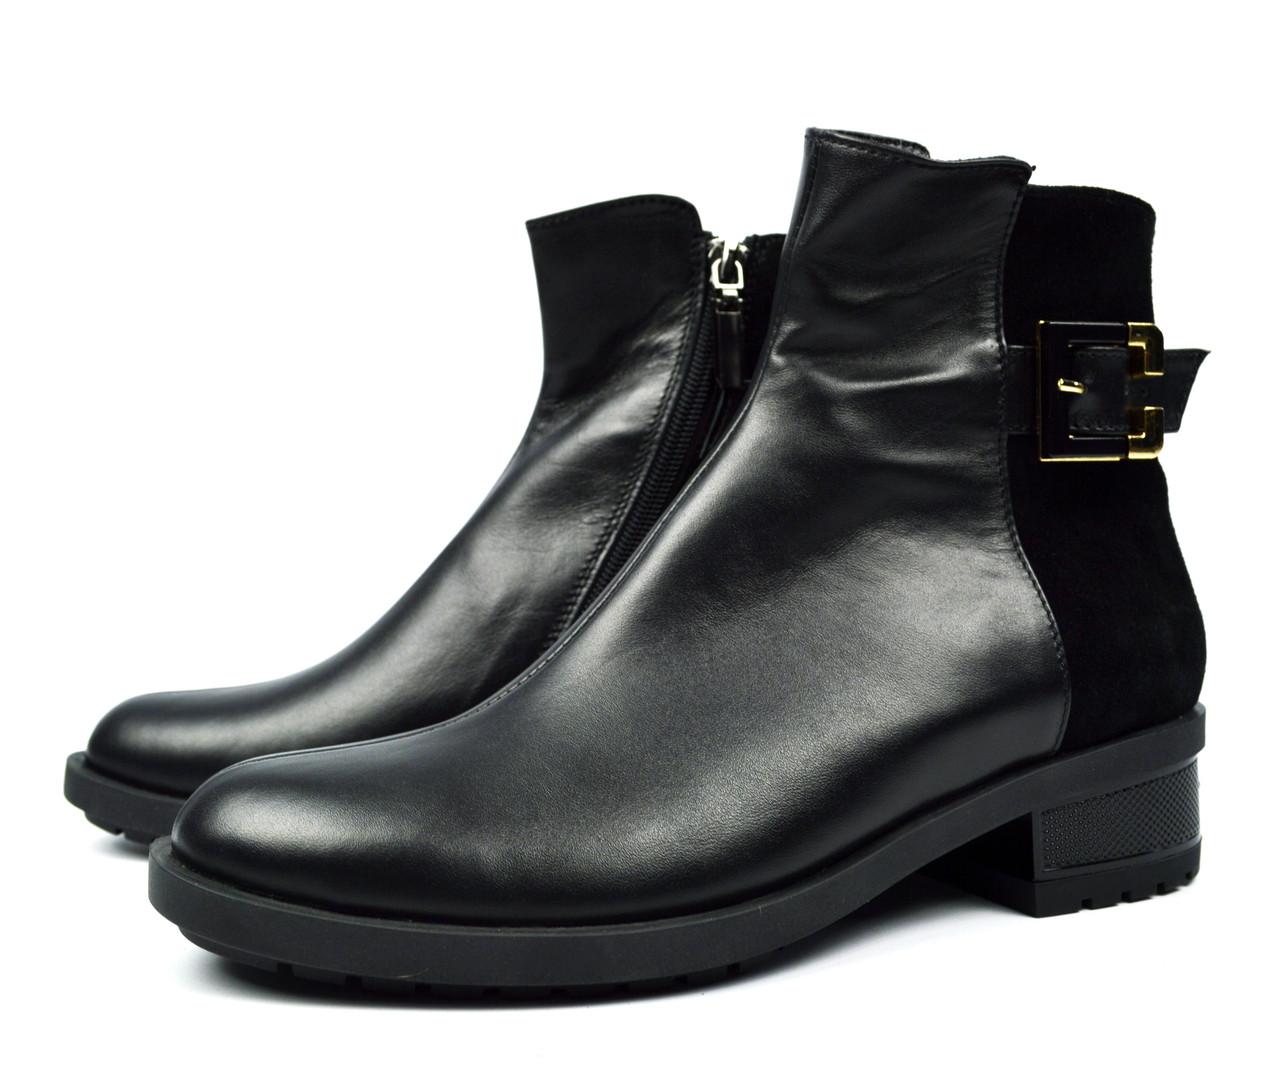 473cc51f6 Черные зимние женские кожаные ботинки PAOLO GIANNI на меху ( шерсть ...